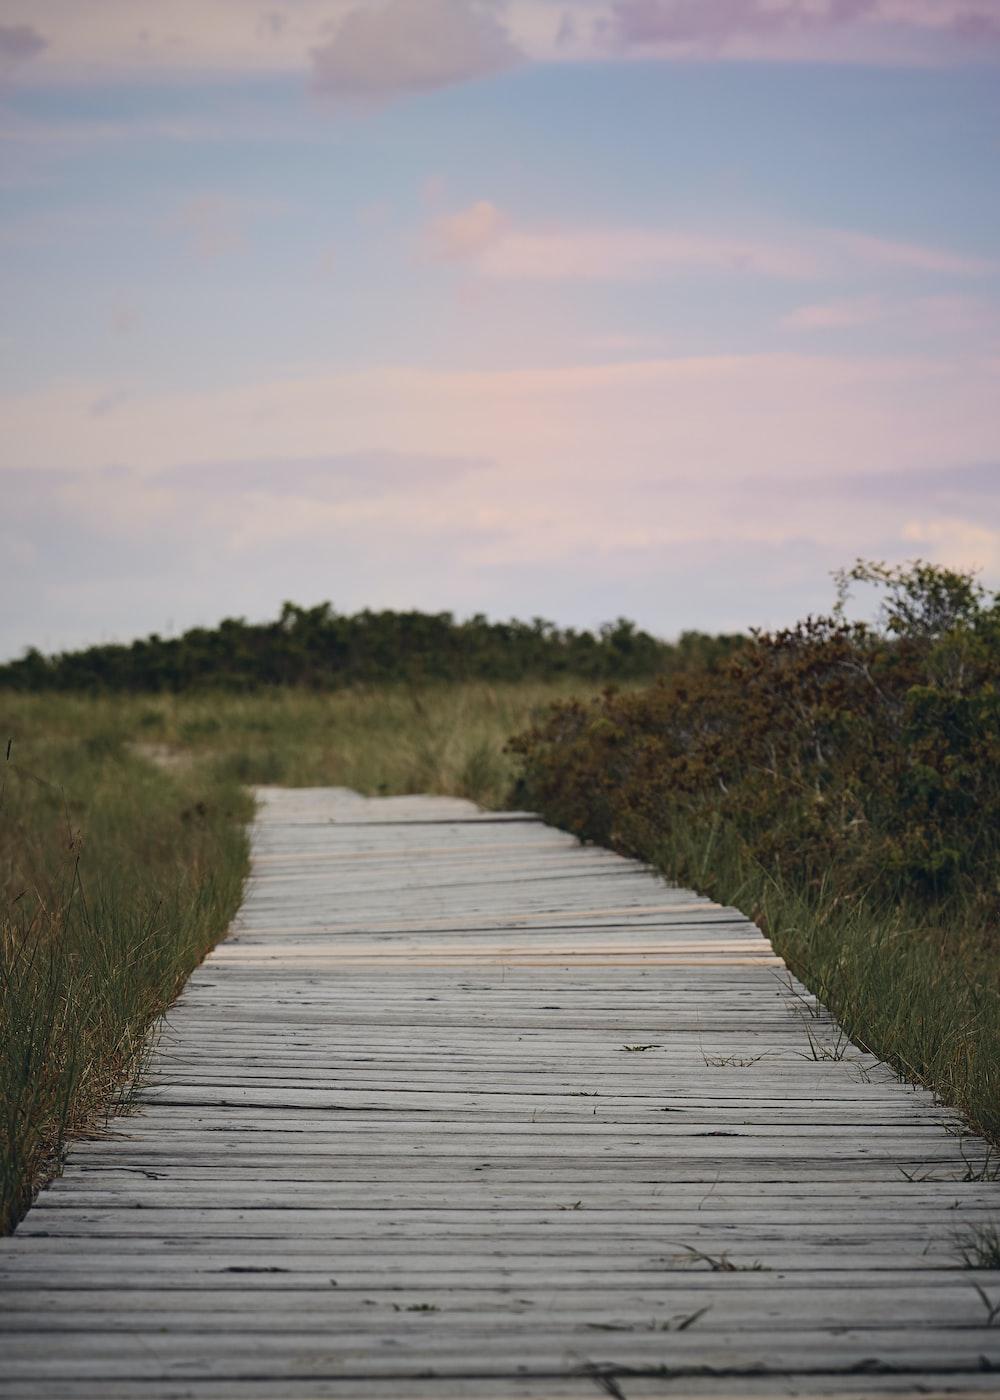 white wooden pathways besides grass